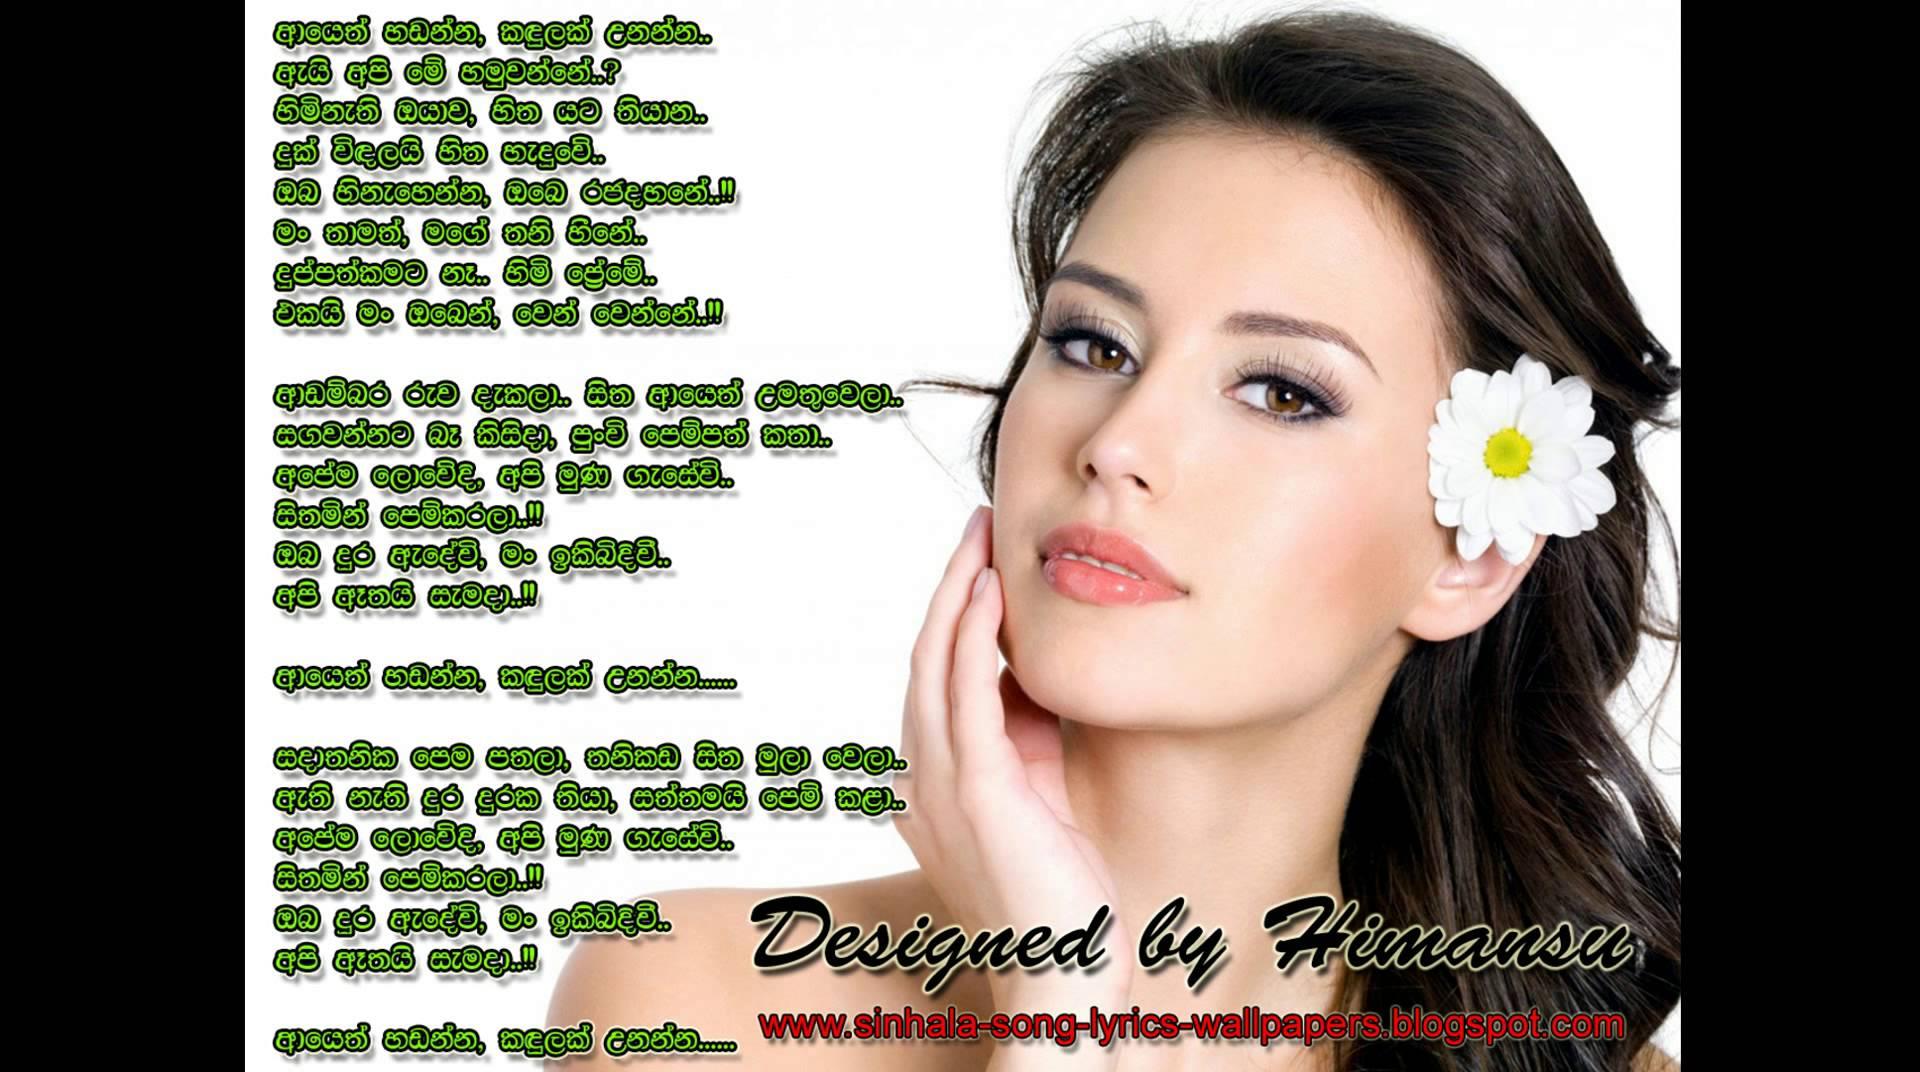 Song Lyrics Wallpaper - WallpaperSafari Paramore Song Quotes